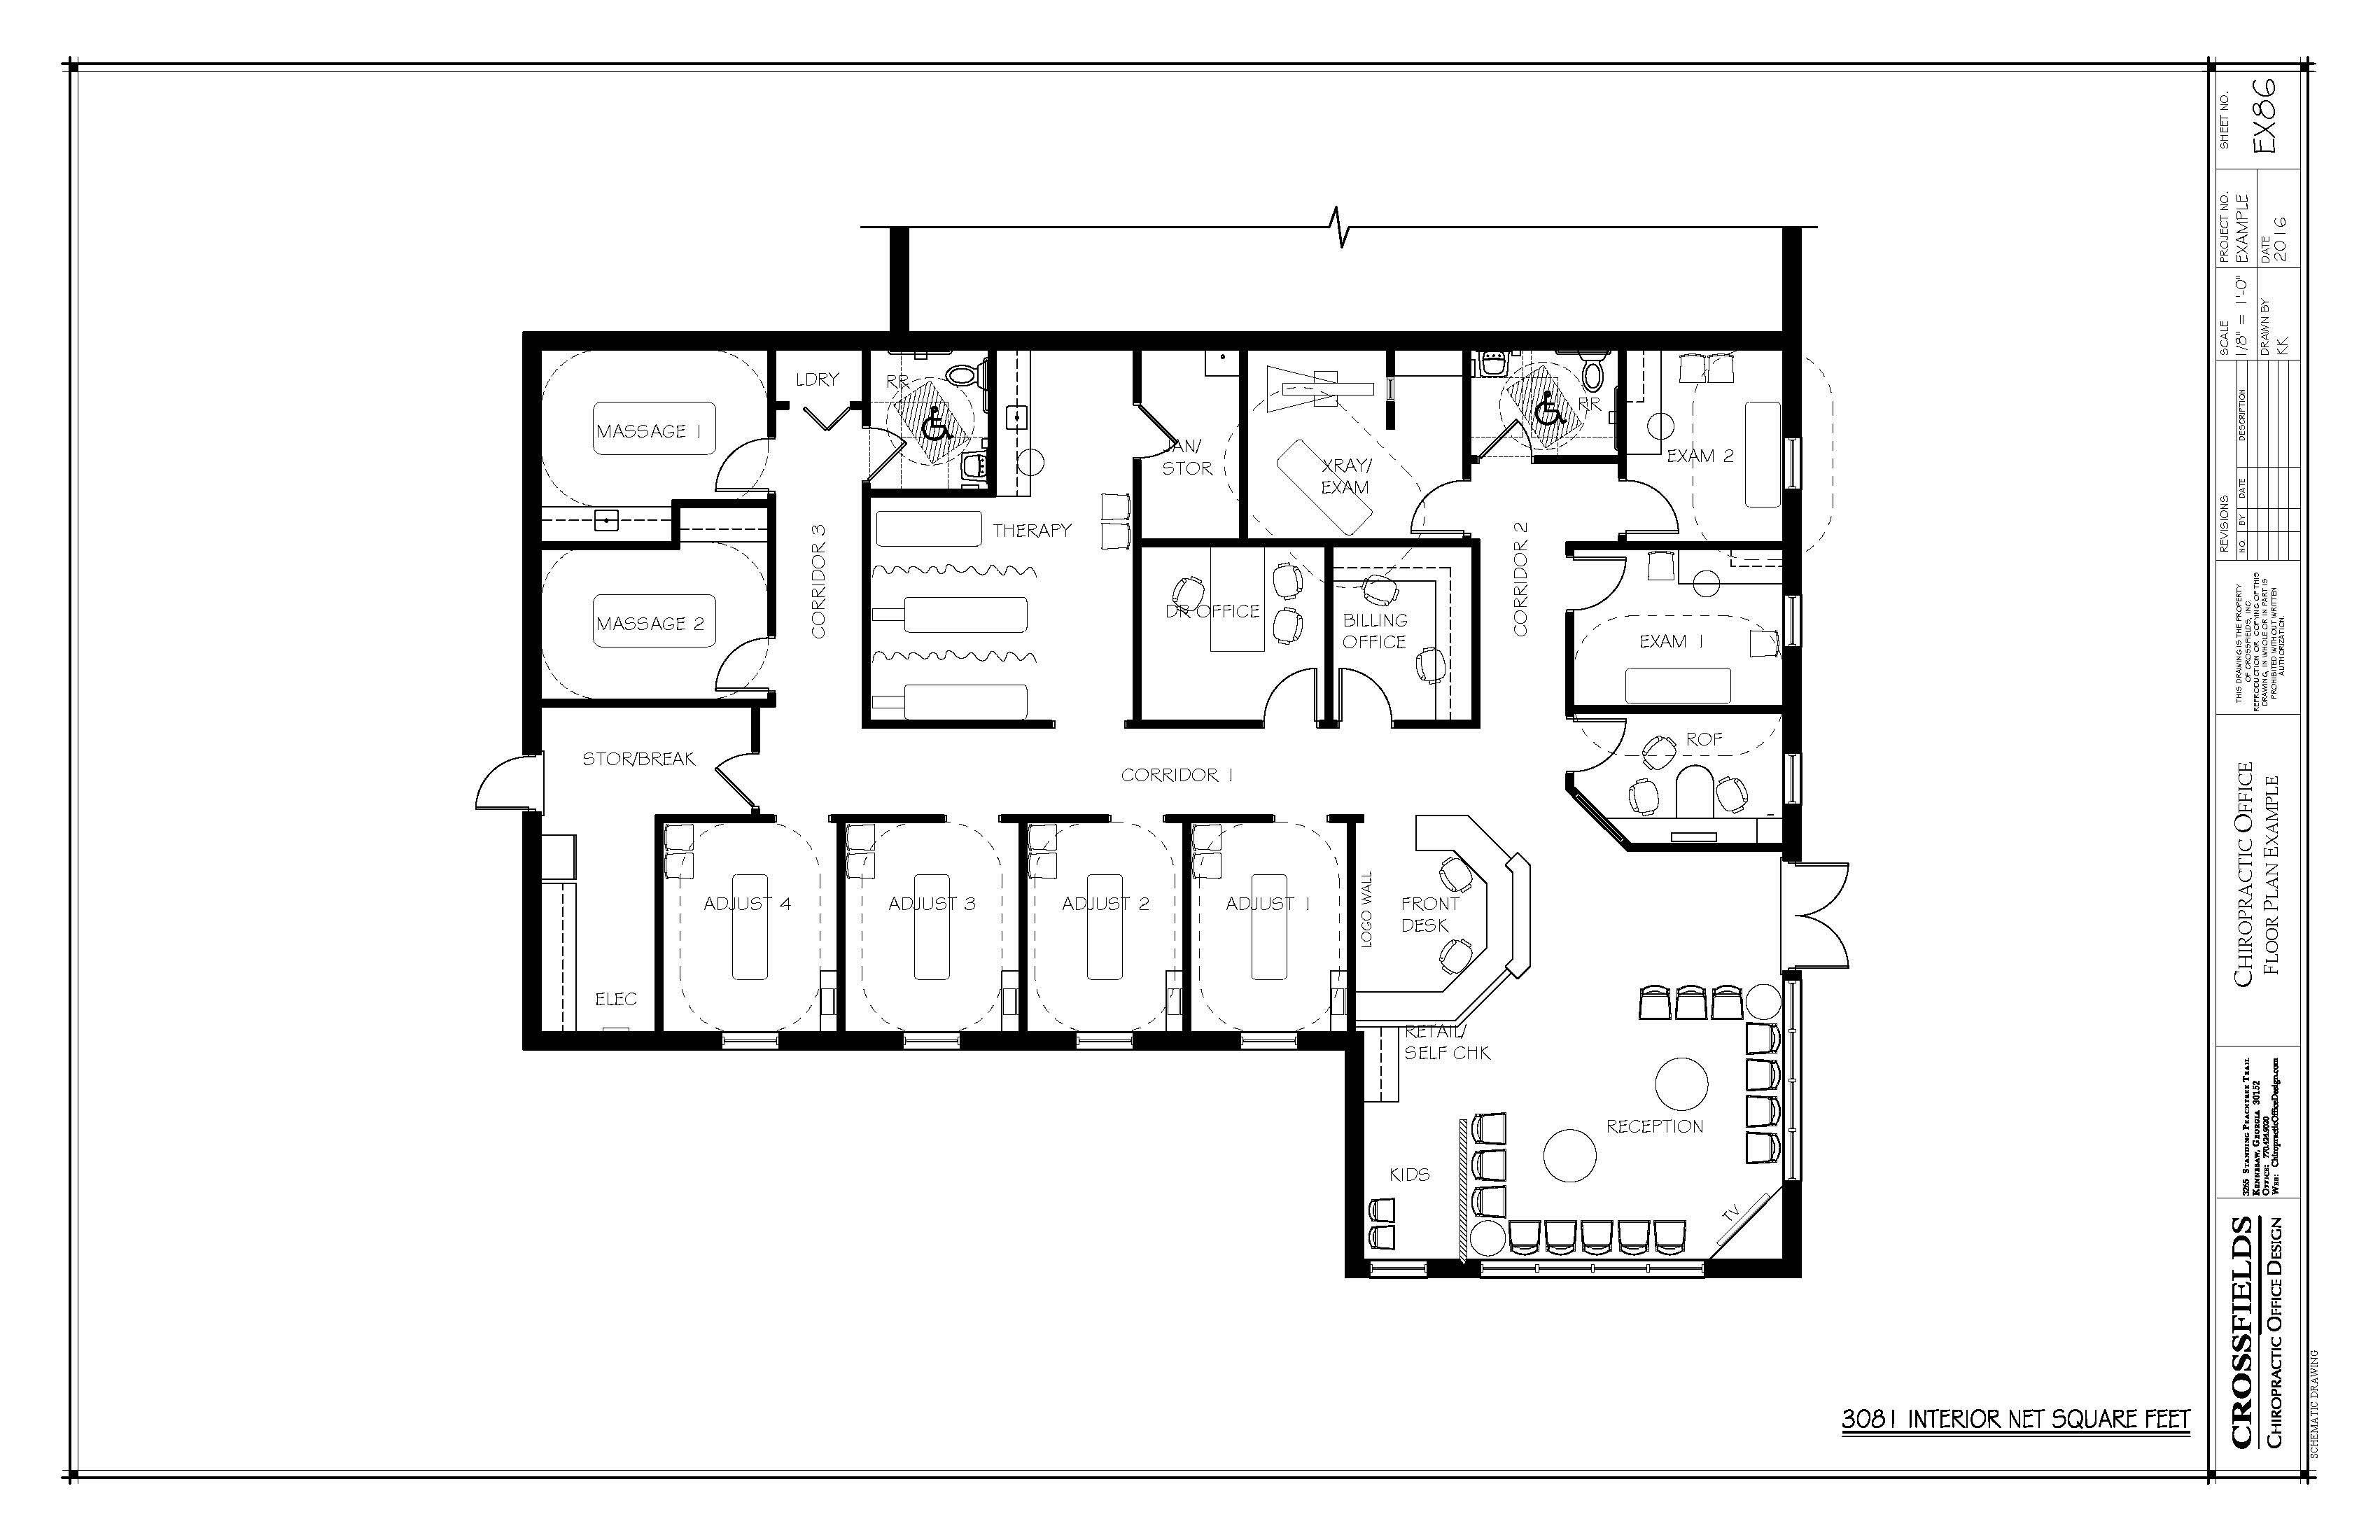 Chiropractic Office Floor Plans Versatile Medical Office Layouts Office Floor Plan Floor Plans How To Plan